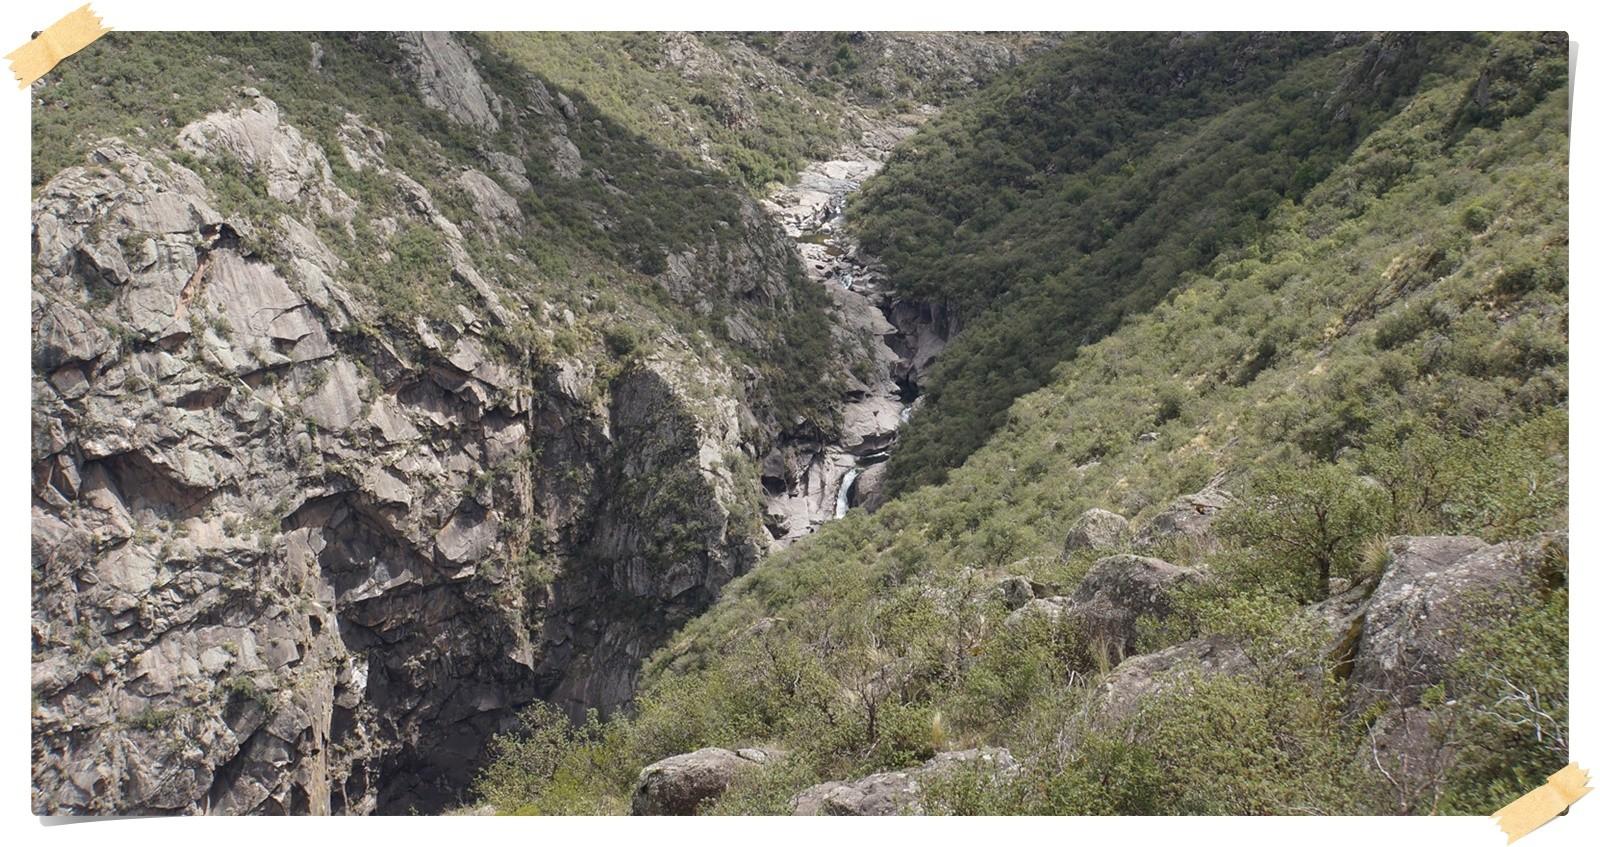 die Schlucht mit Wasserfall